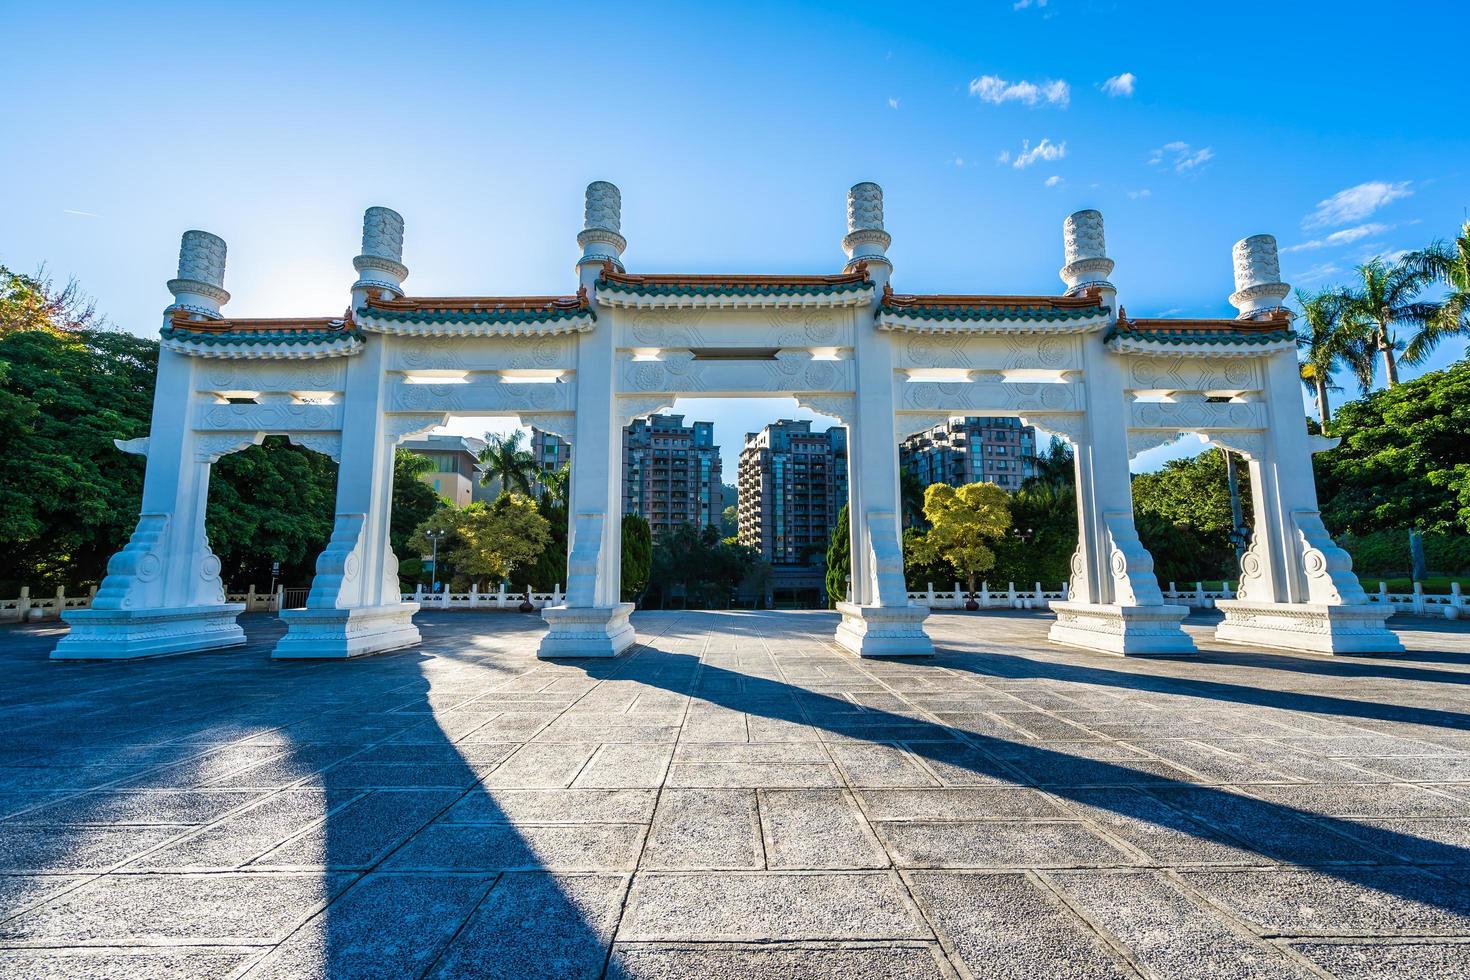 Puerta en el museo del palacio nacional en la ciudad de Taipei, Taiwán foto